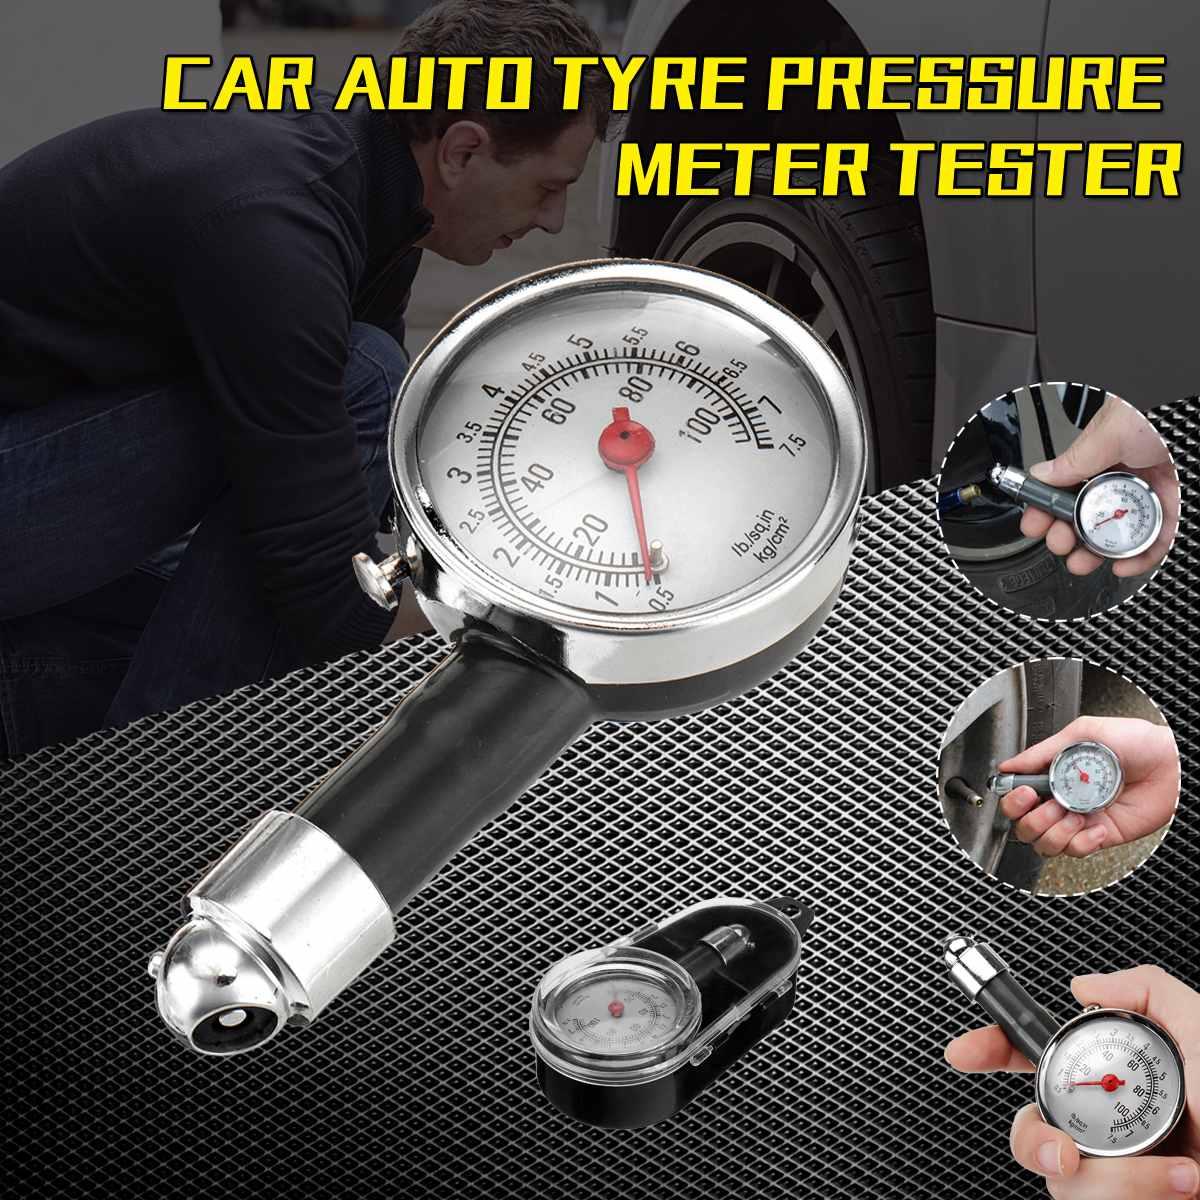 Metall Auto Reifen manometer AUTO Luftdruck Meter Tester Diagnose Tool Fahrzeug Tester Überwachung System Messung Werkzeug